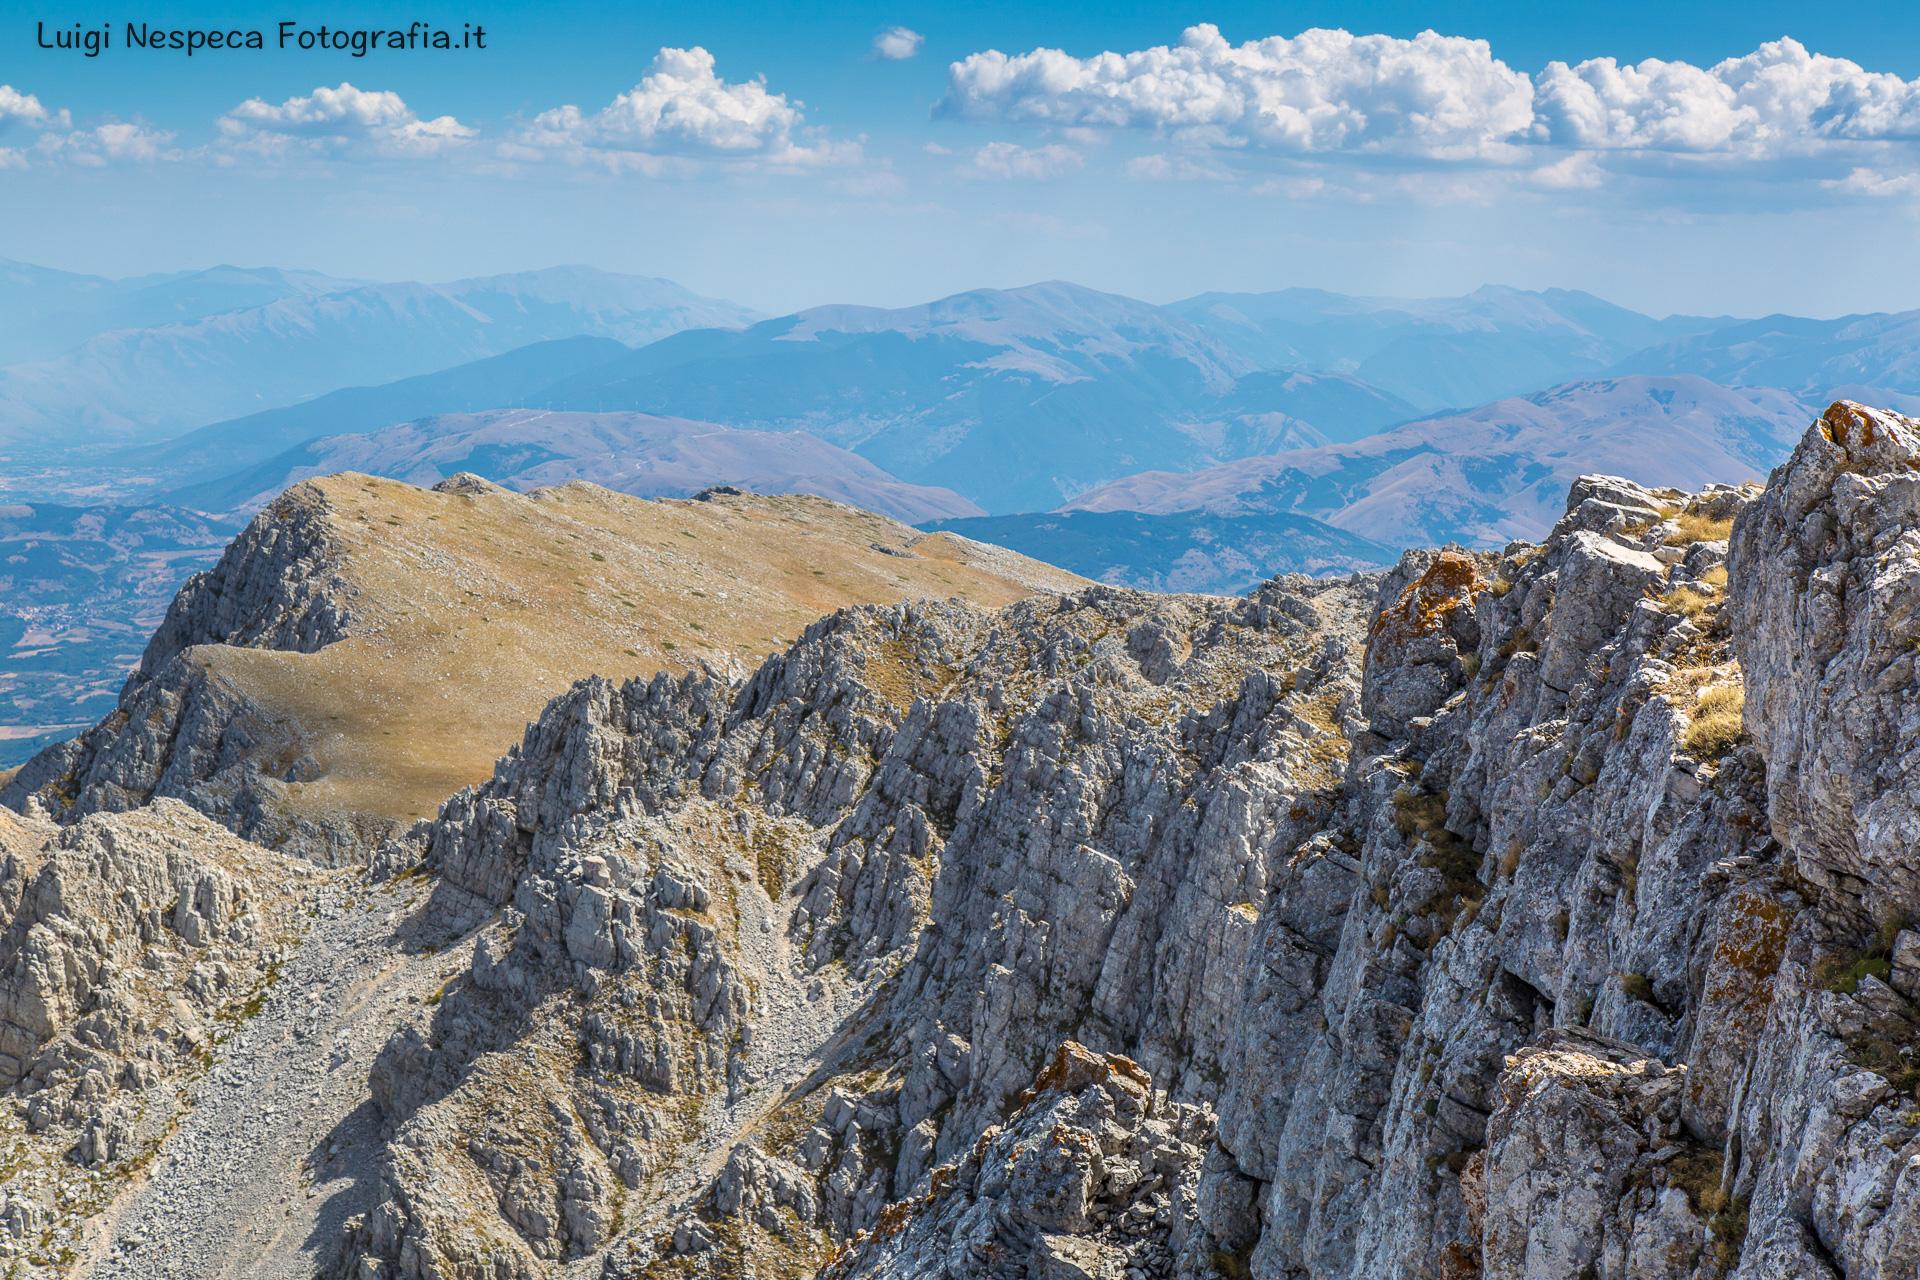 La scogliera di calcare del Monte Sirente